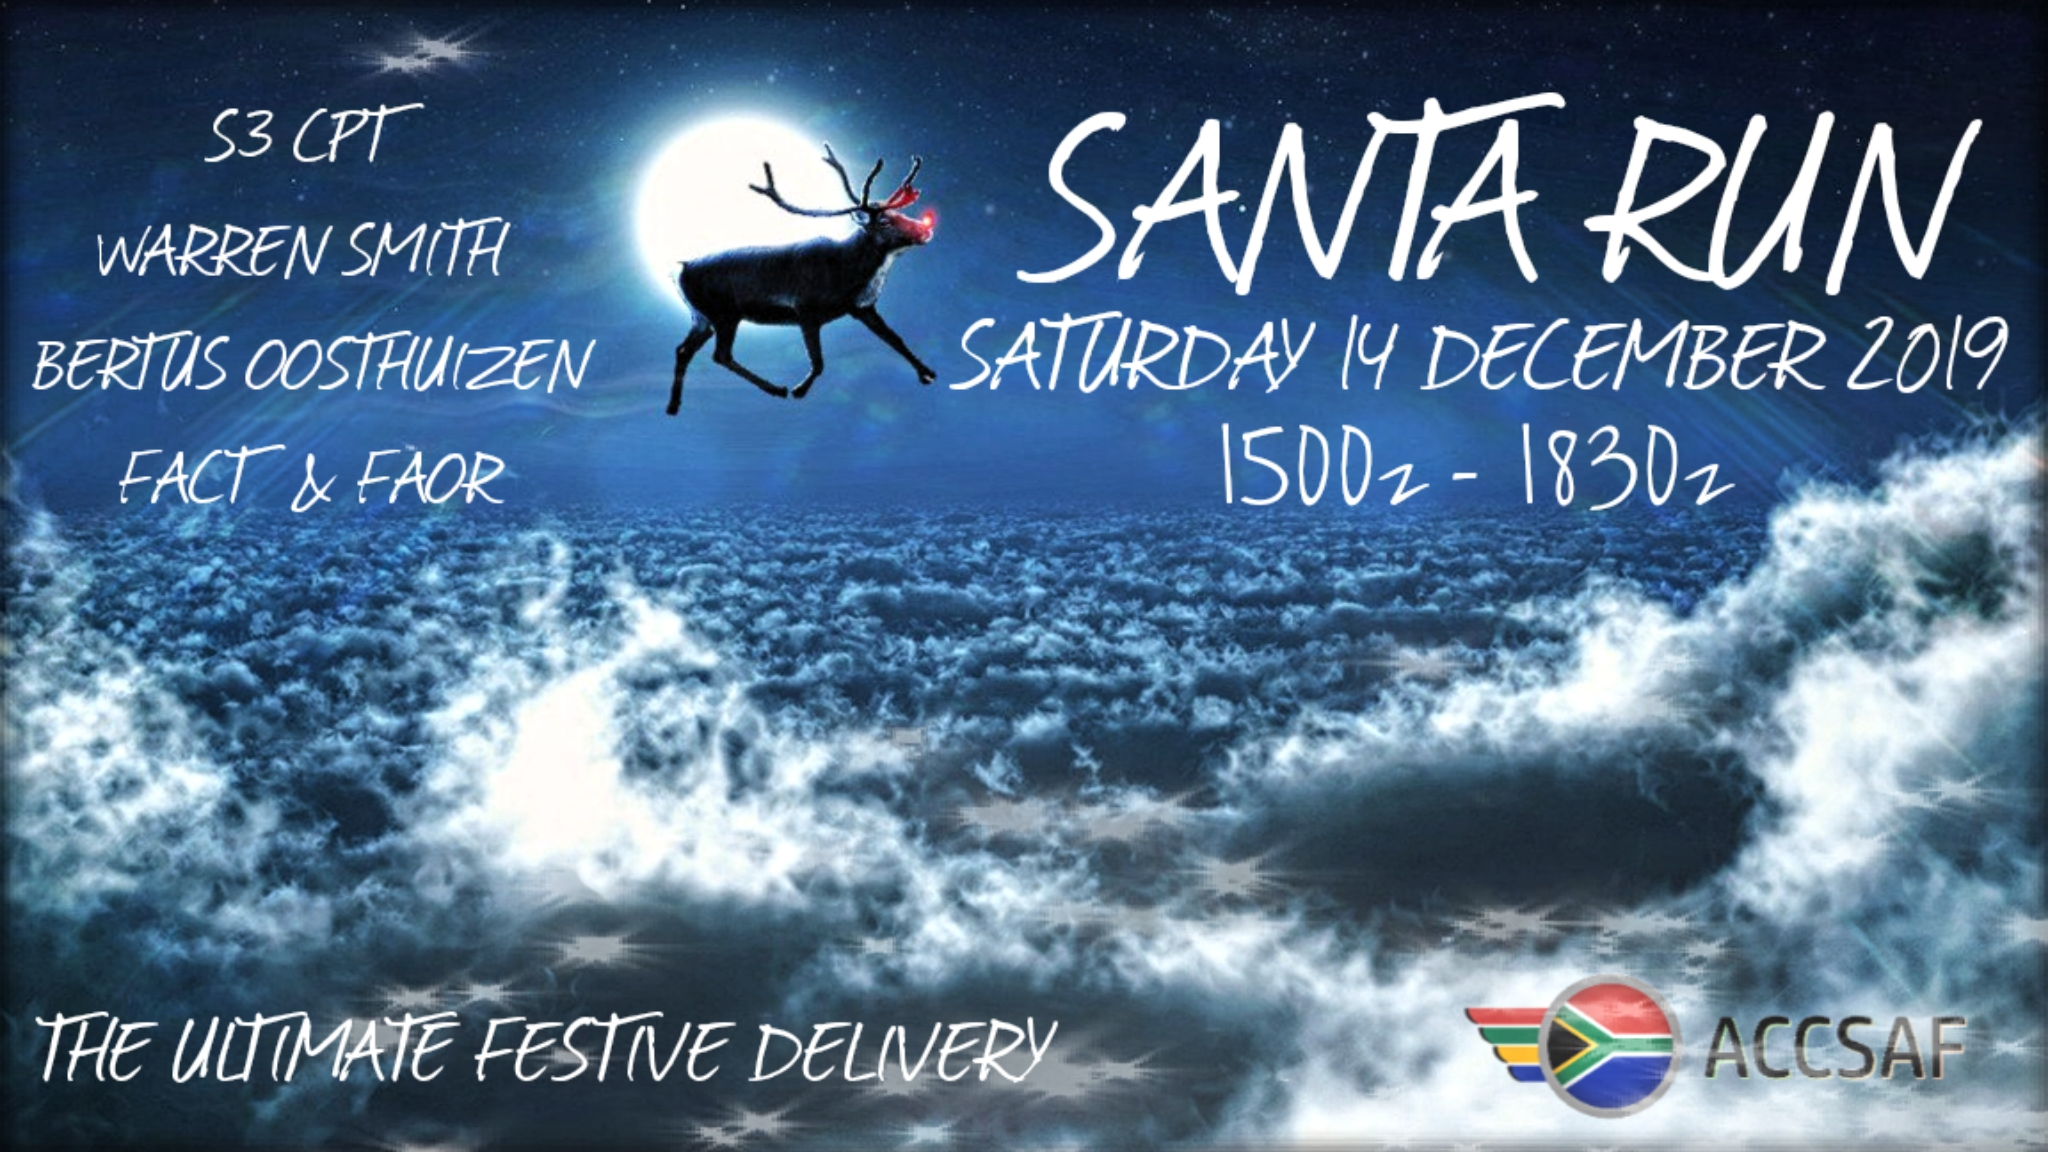 santa-reindeer-2048x2048_20191206064618039.jpg